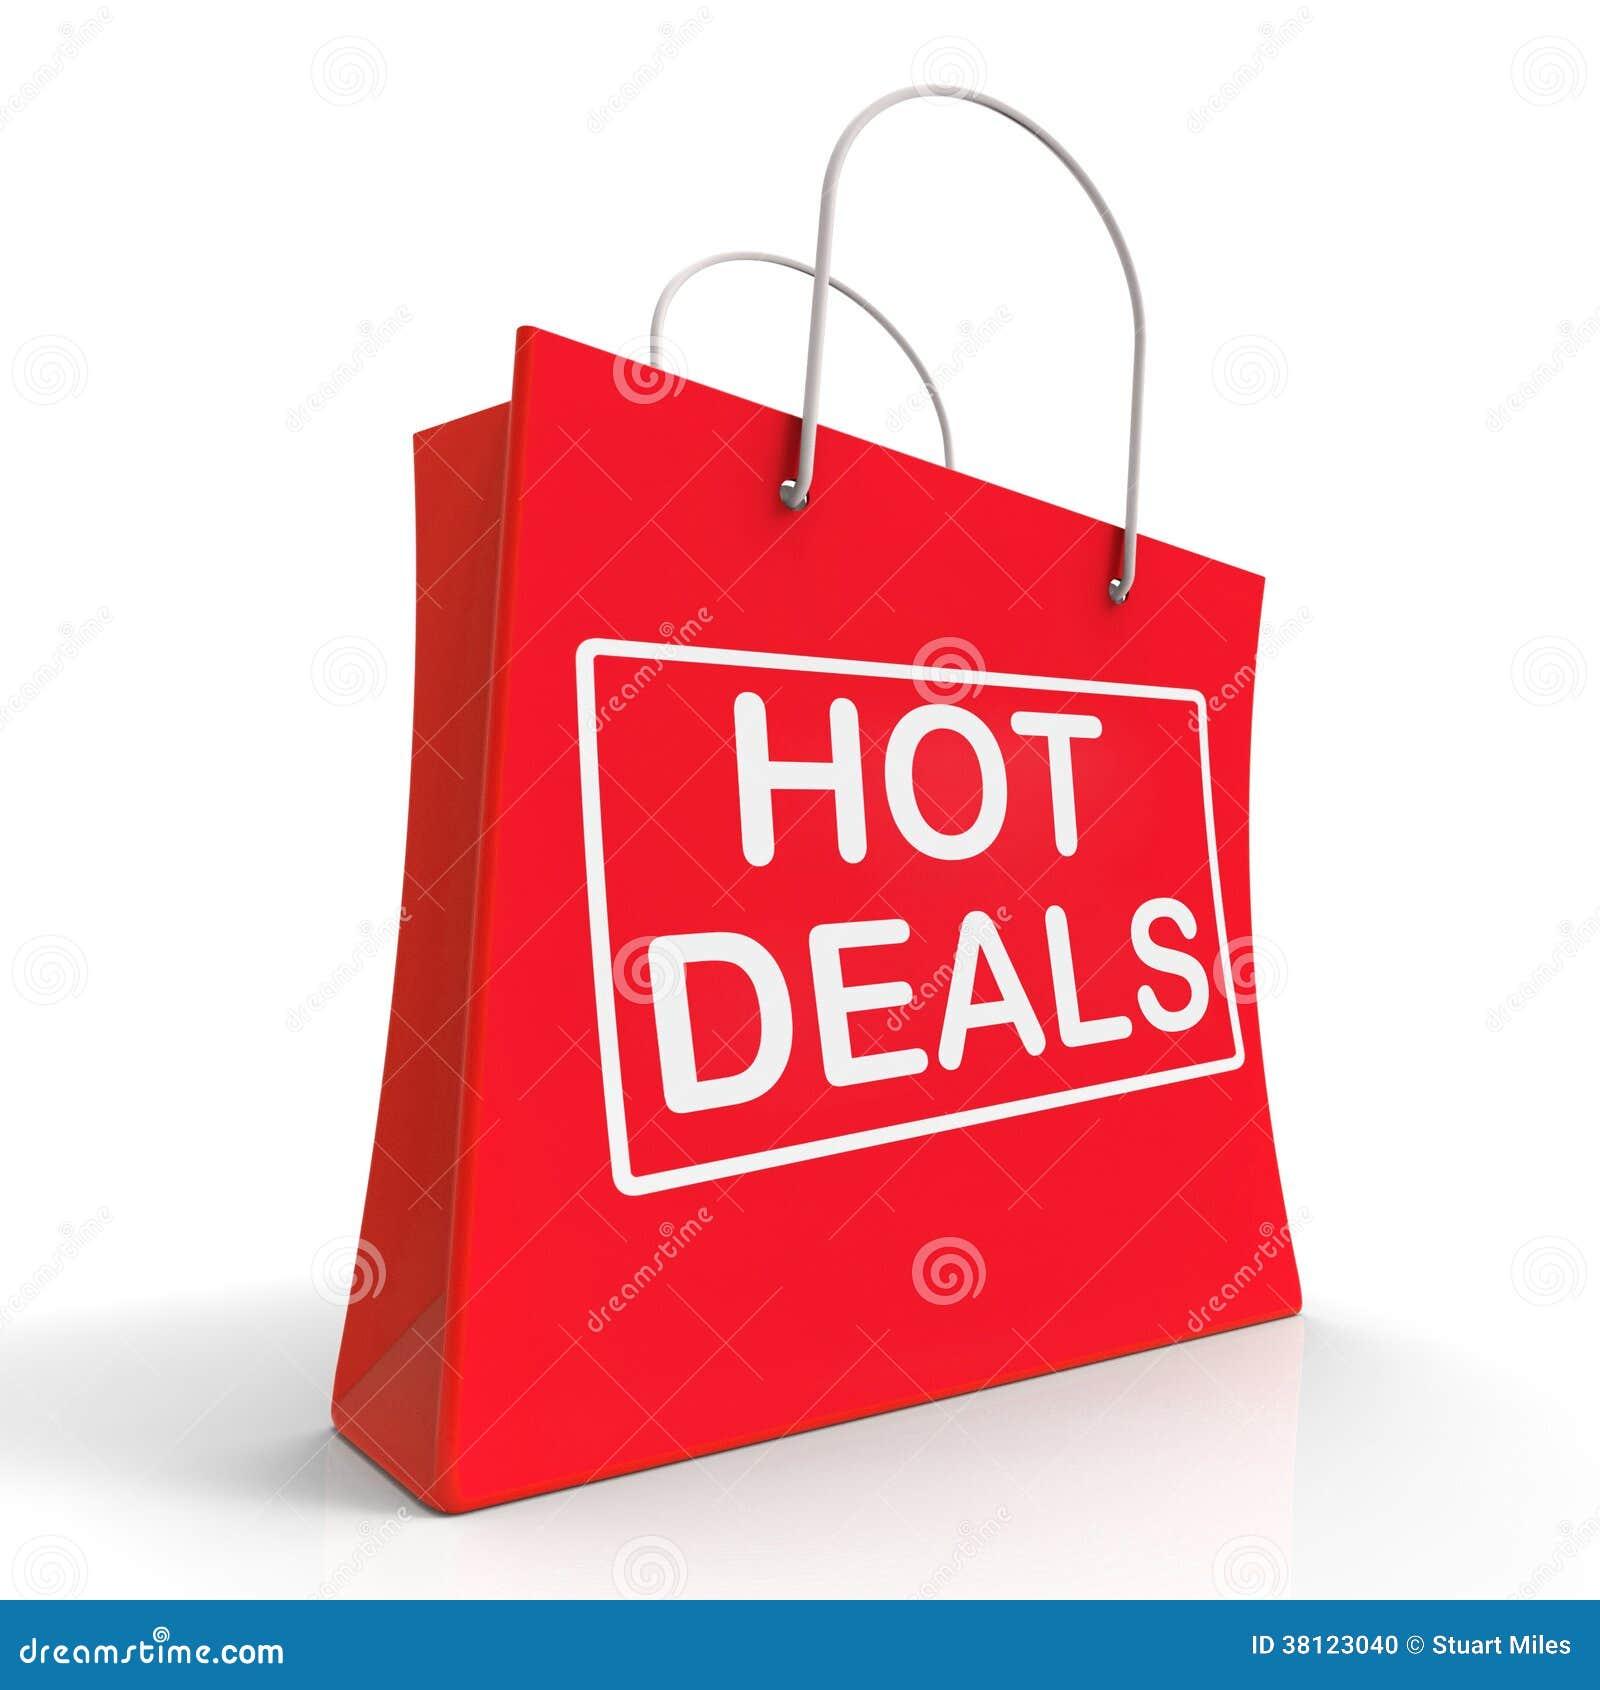 Zee saver deals